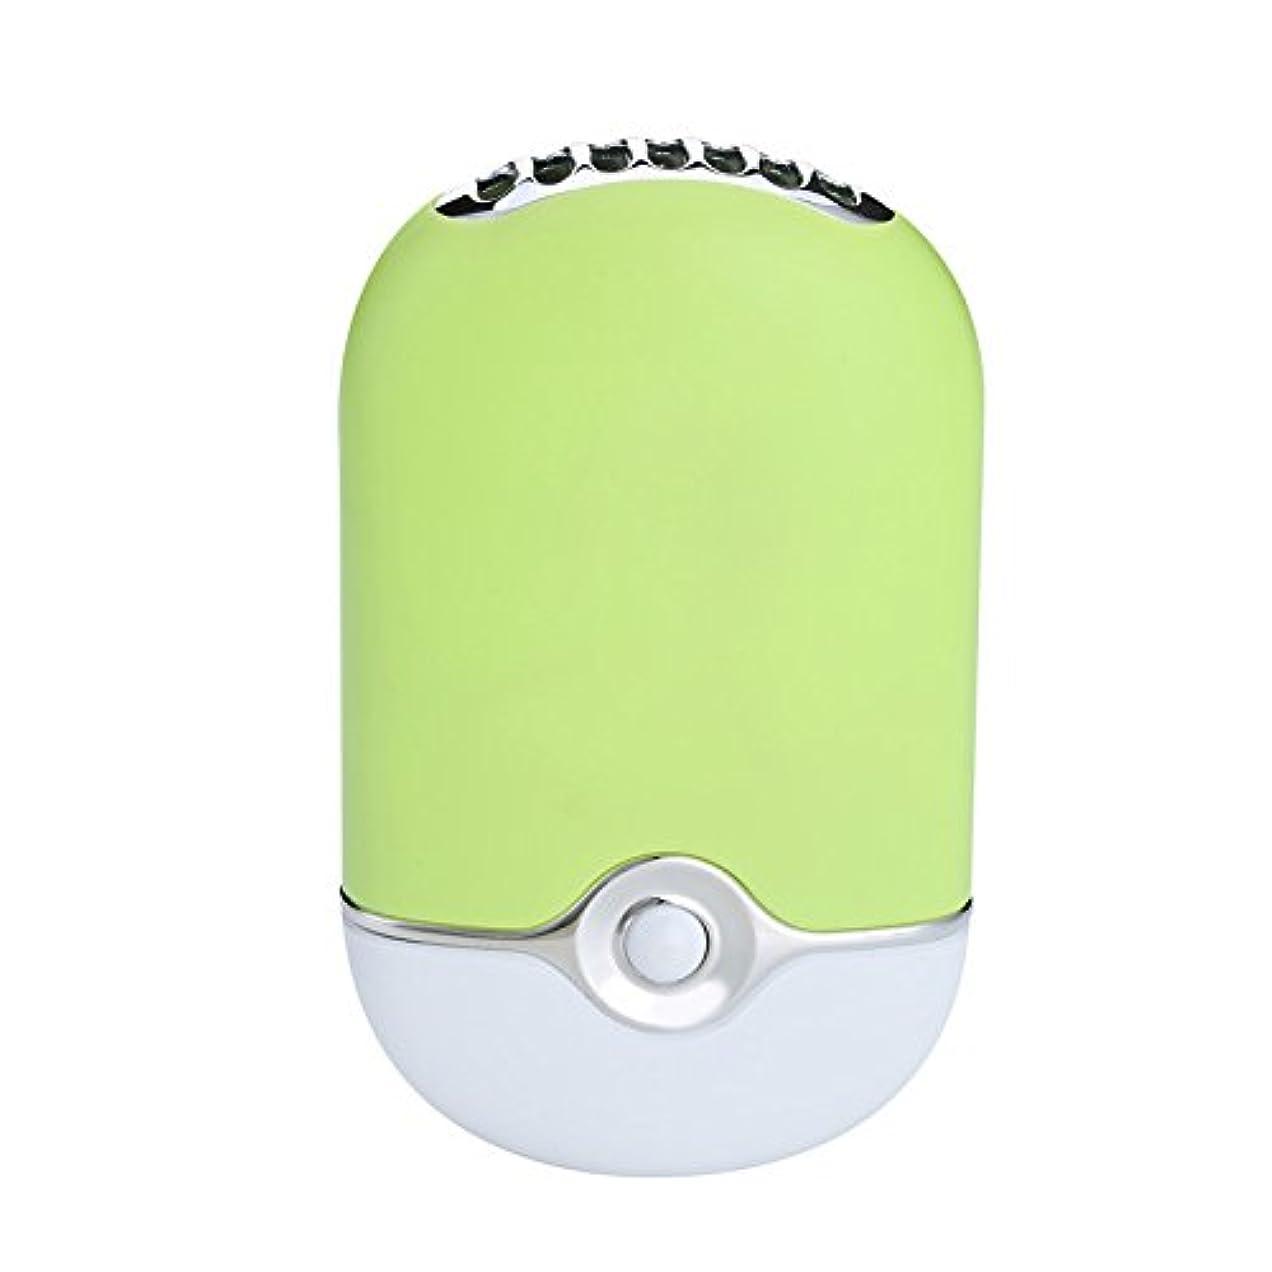 できる異議ダーベビルのテスMengshen まつ毛ドライヤー くぎ ネイルドライヤー ハンドヘルドクイックドライヤー まつげエクステ用 USB ミニファンブロワー 速乾性 F015 Green